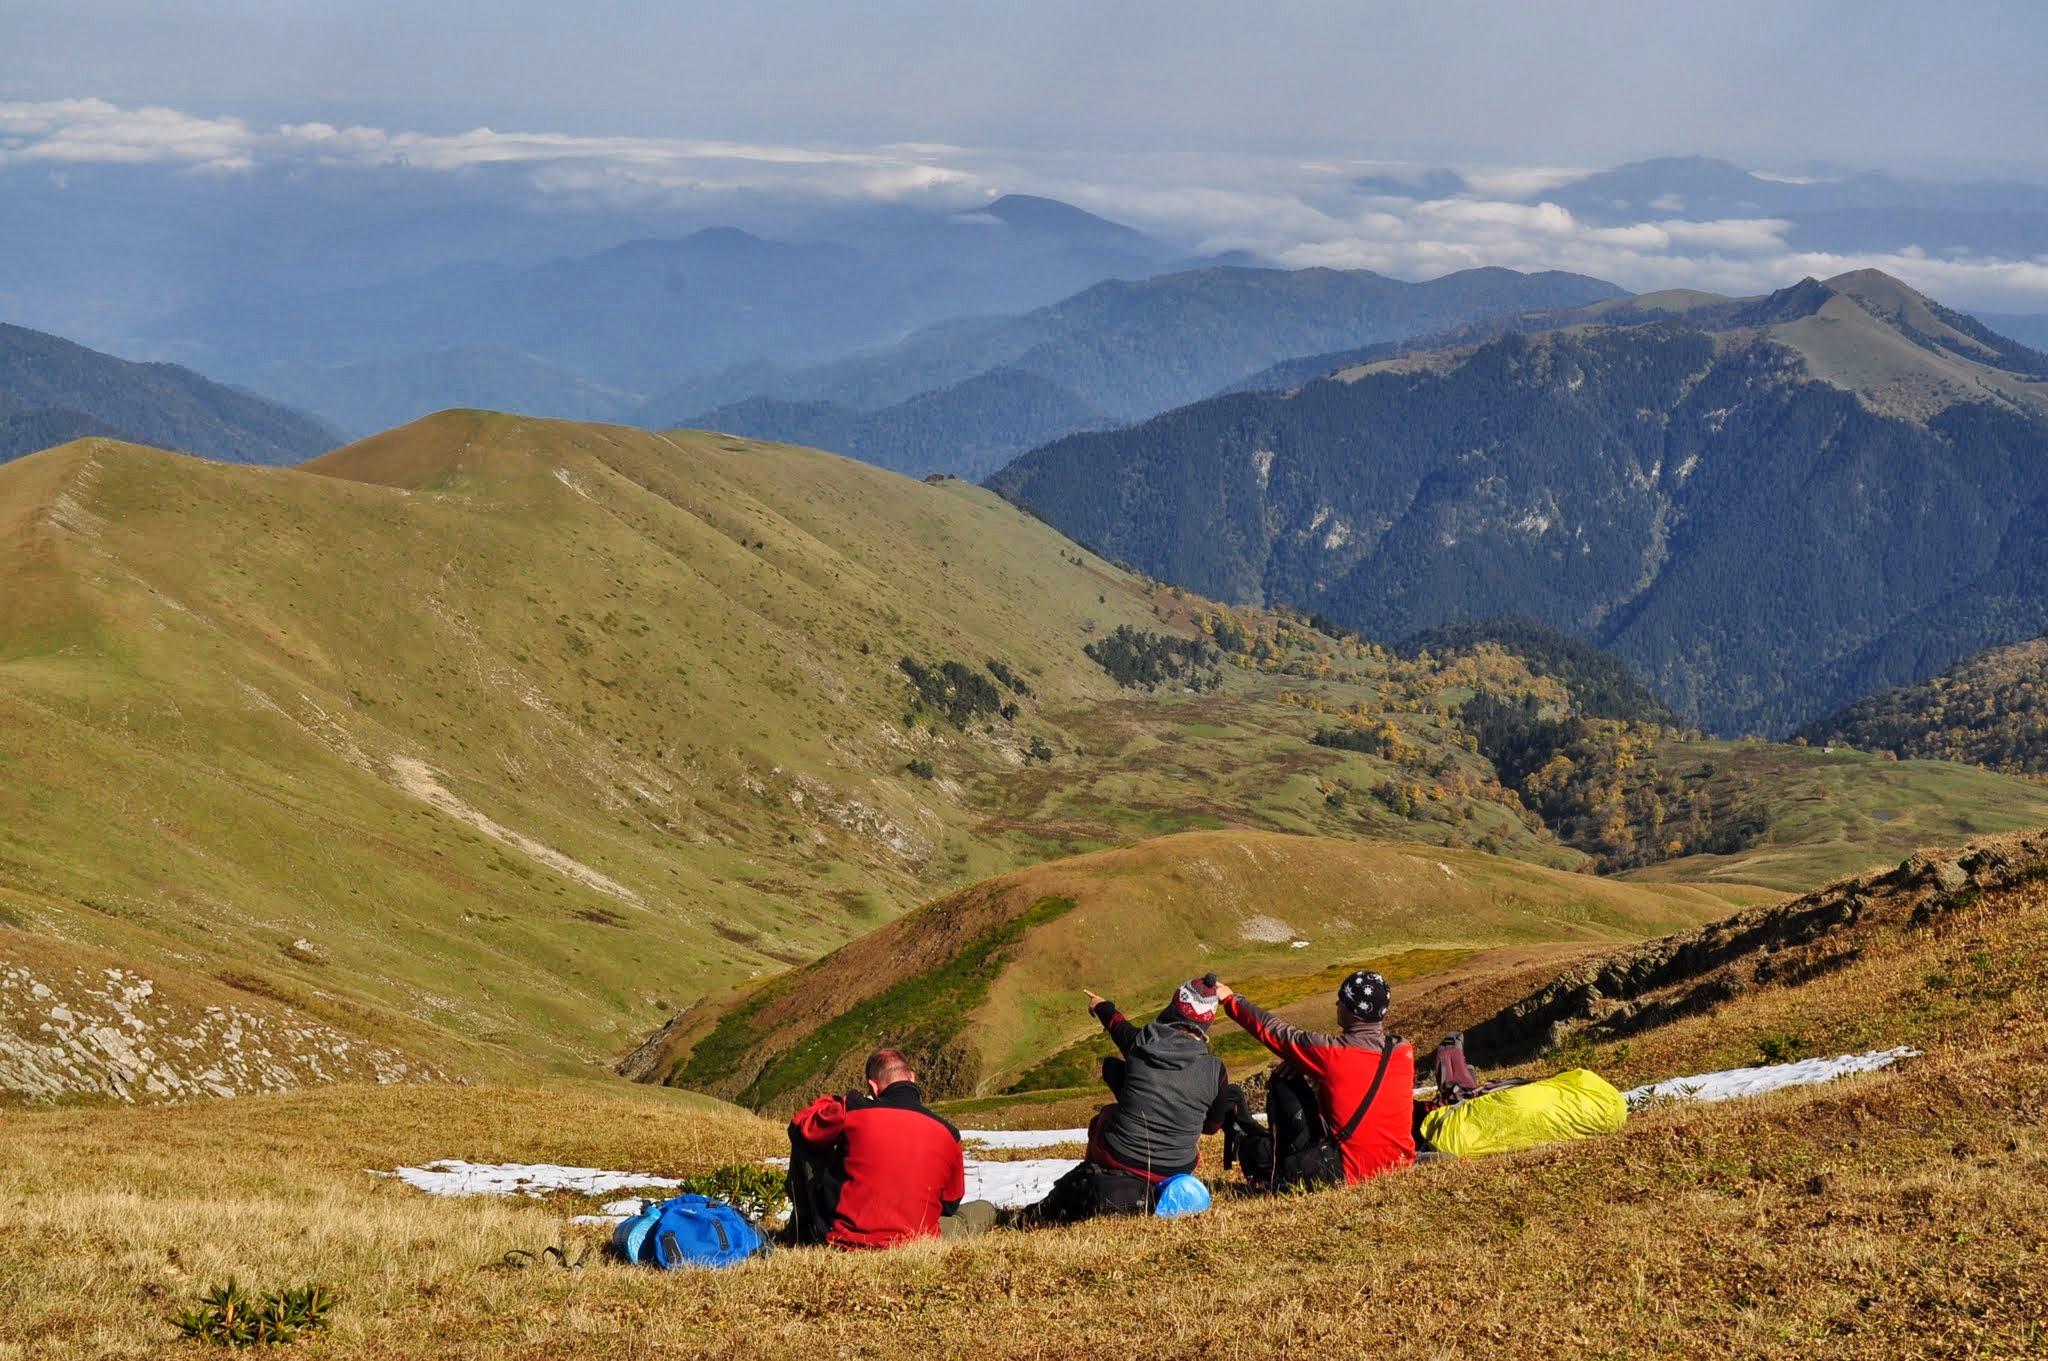 Gruzińskie KAC VEGAS – czyli jak zasypiając w górach Bordżomi, obudziliśmy się nad Morzem Czarnym